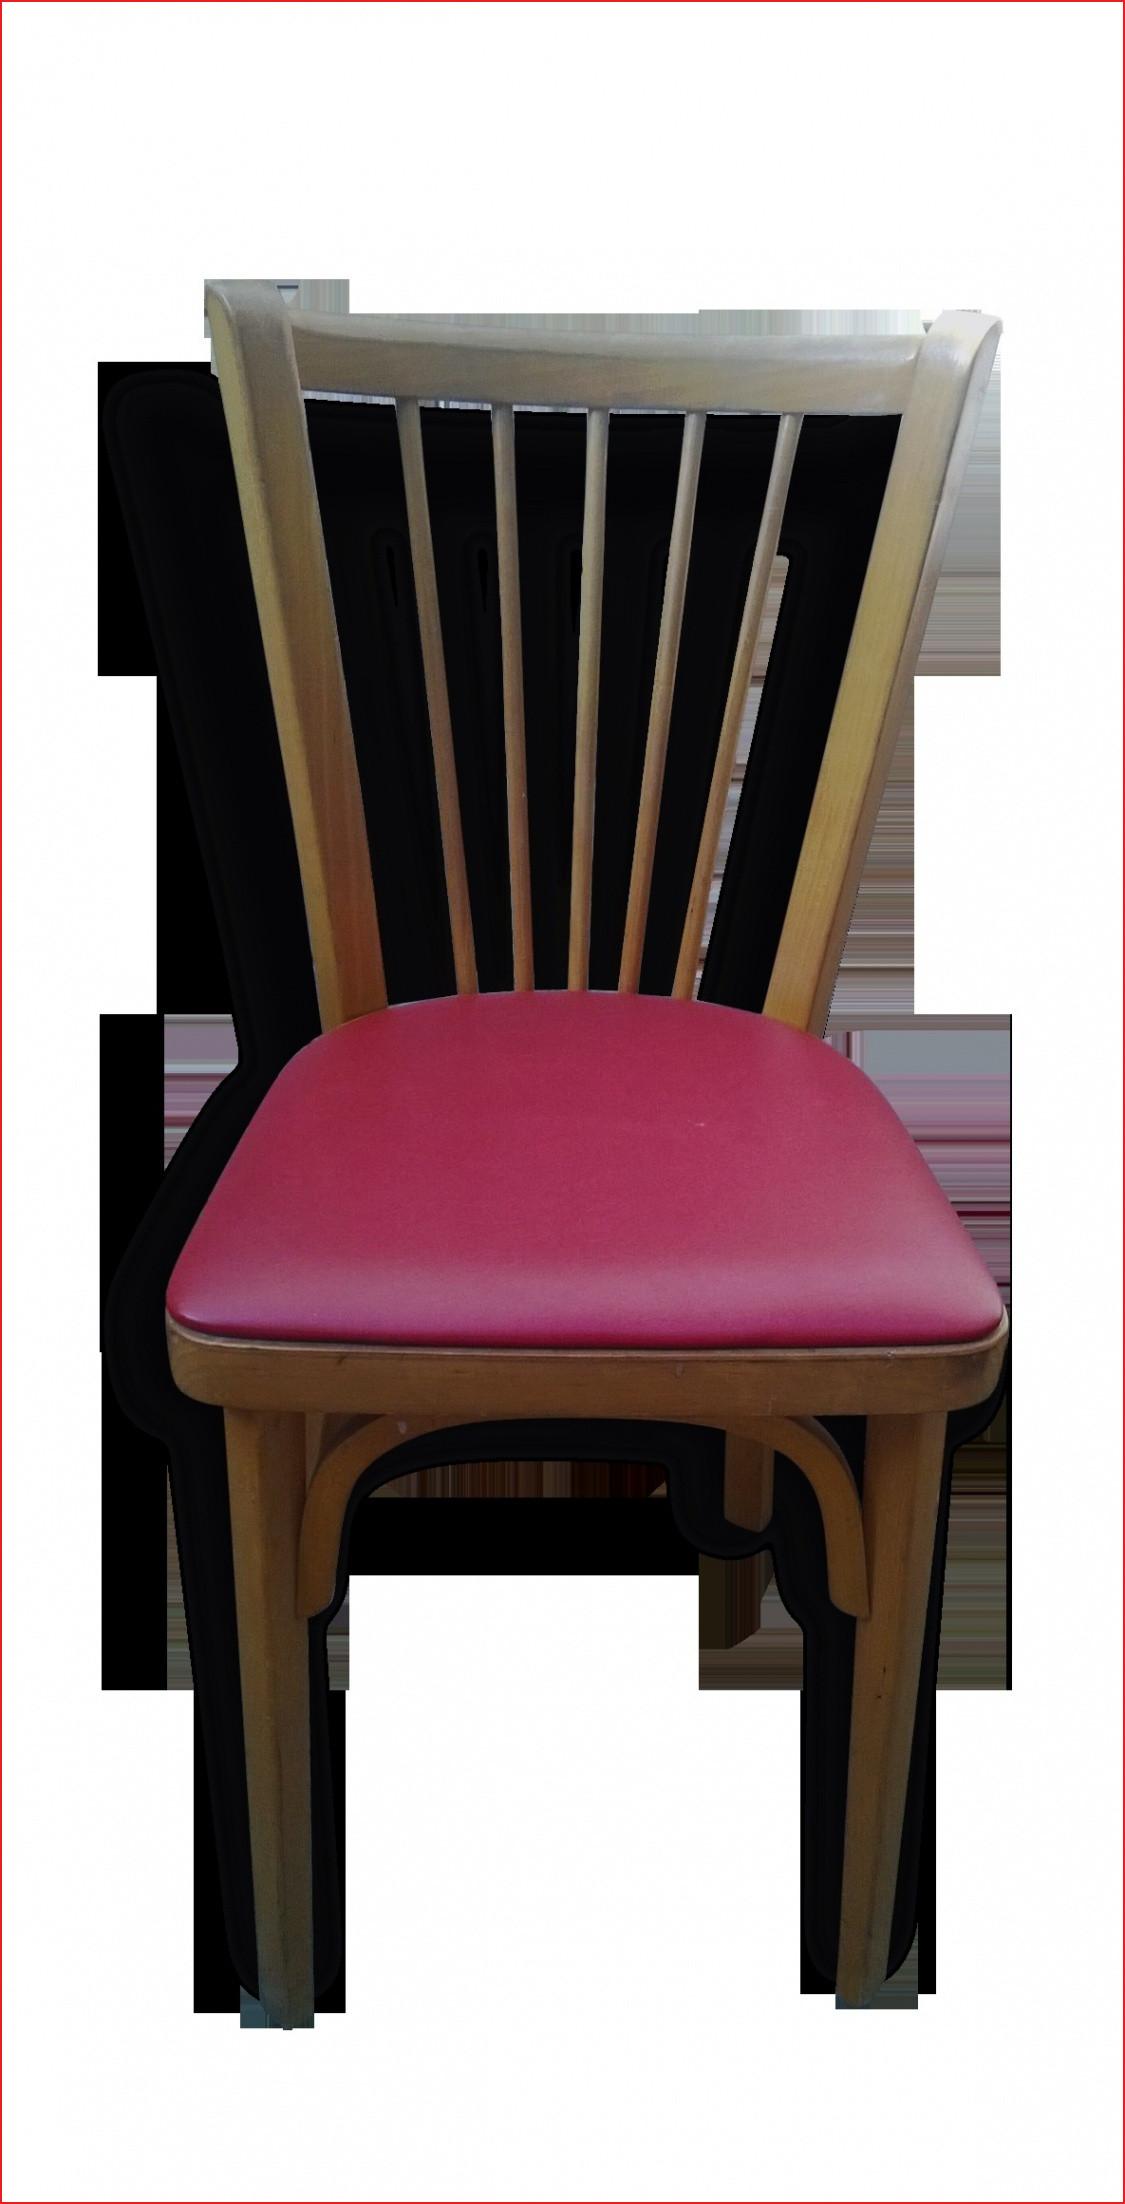 Acheter Chaise Beau Conseils Pour Chaise Collection De Chaise Style